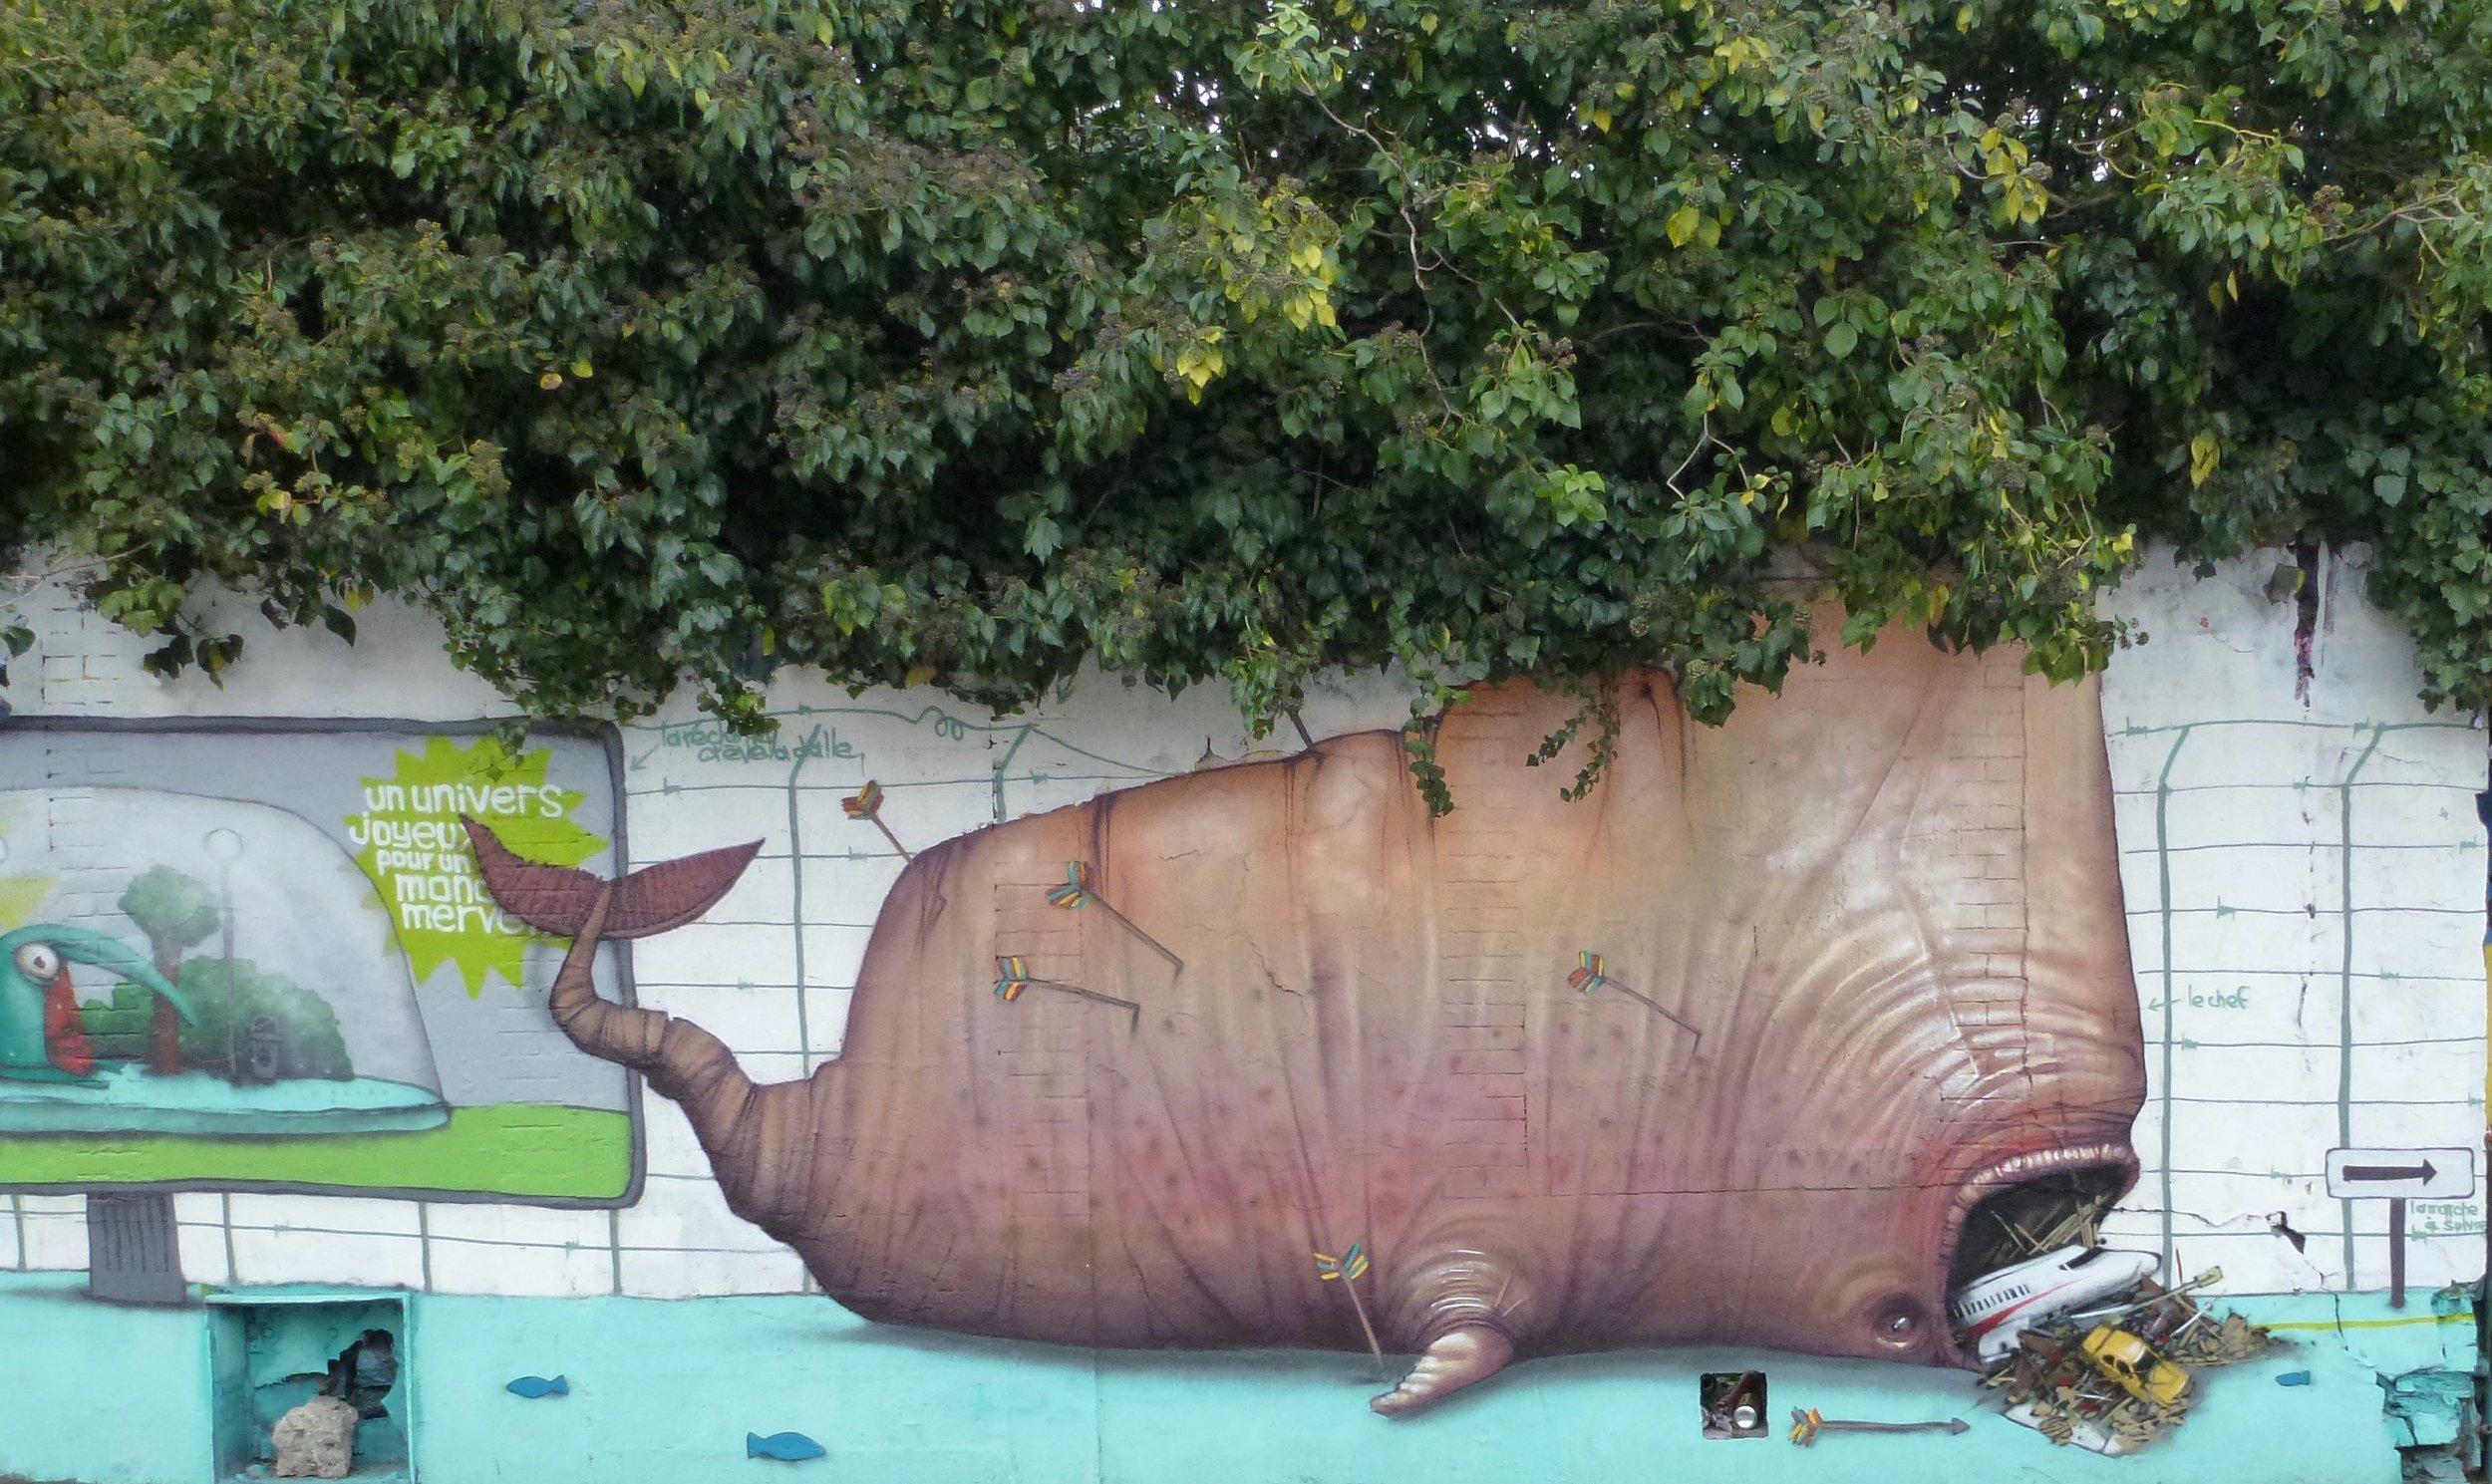 Peinture murale à Nantes en bas du quartier Chantenay